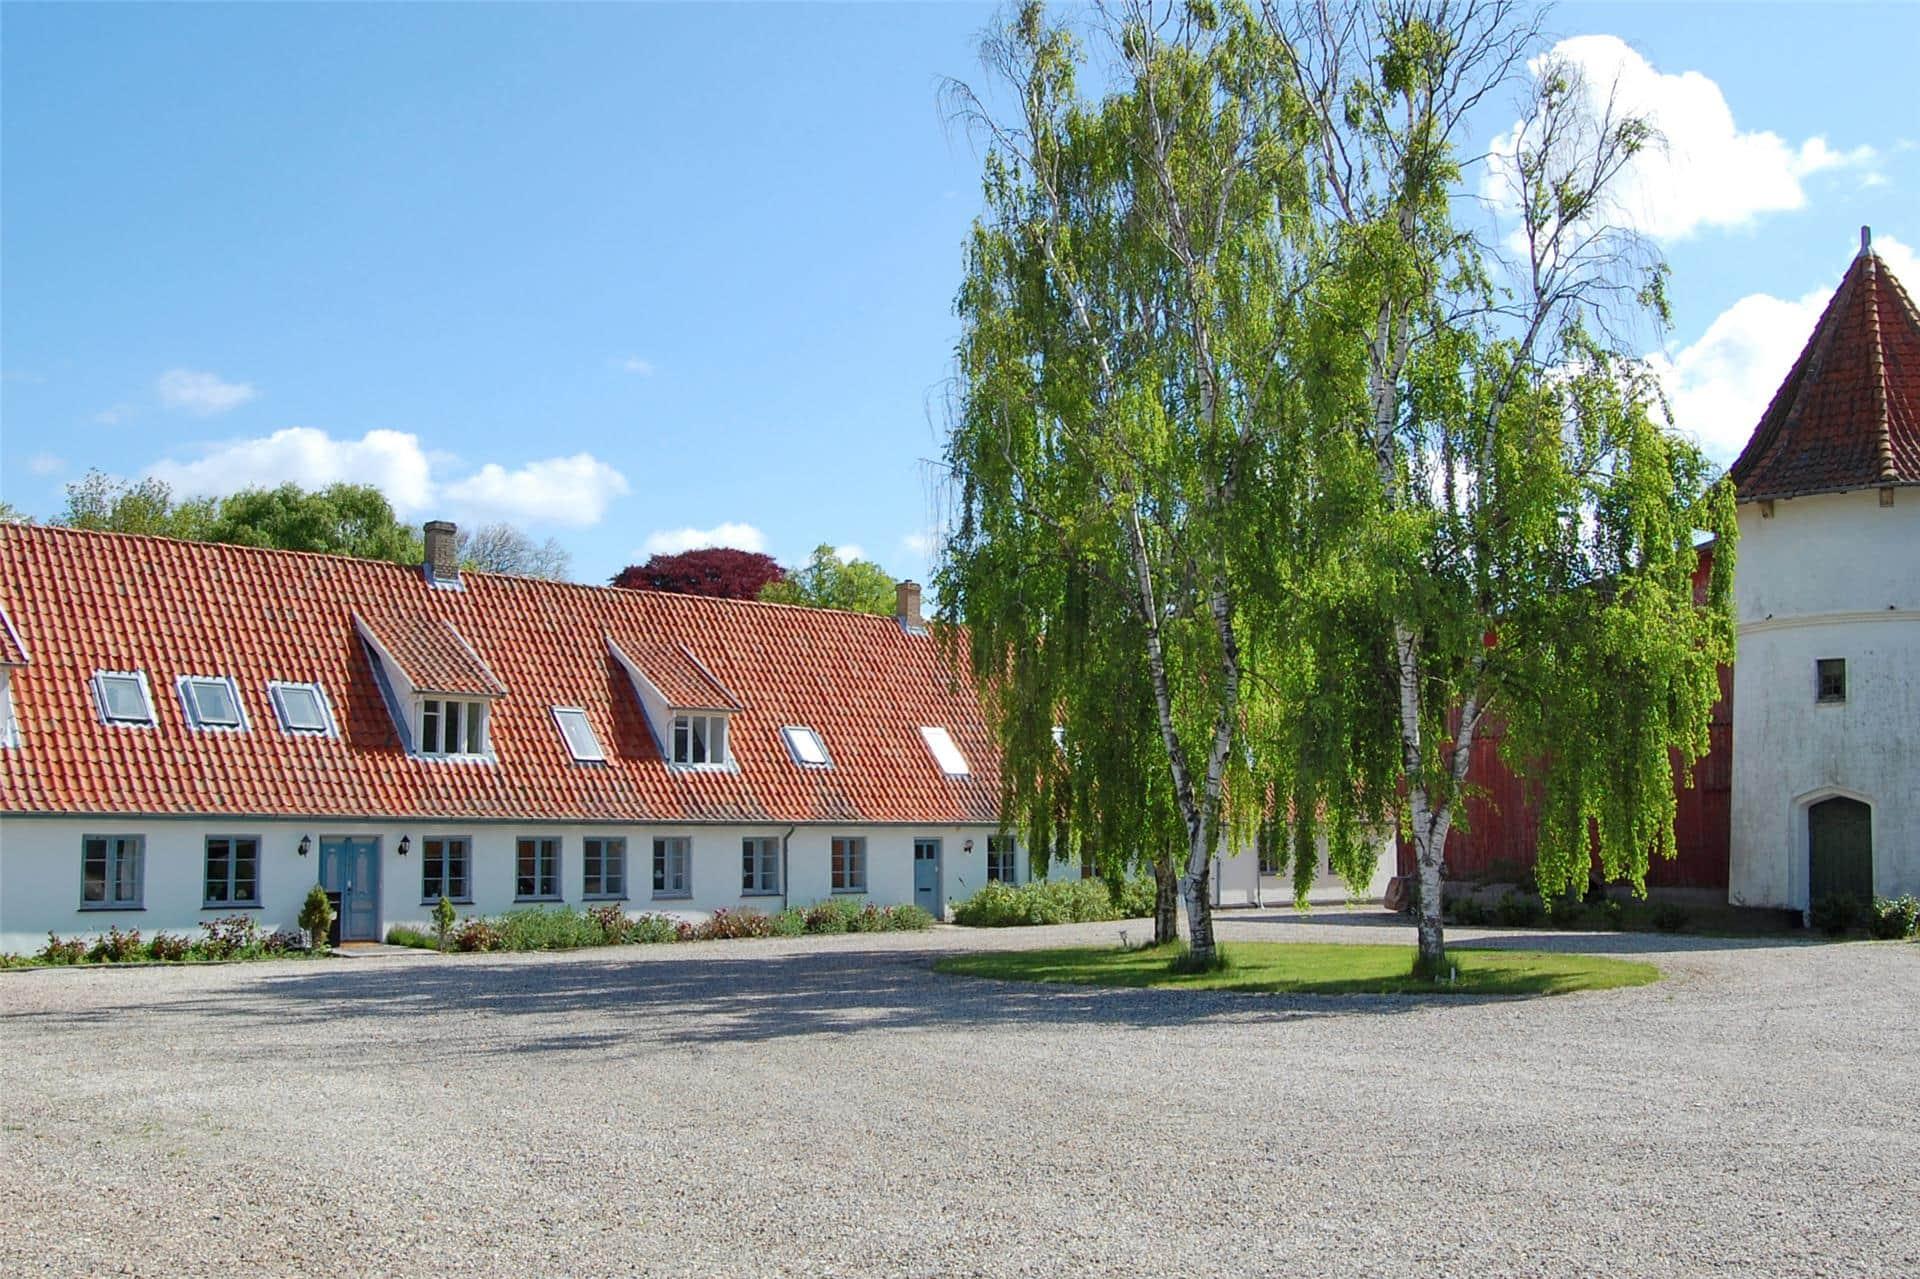 Bild 1-3 Ferienhaus M67383, Slotsgade 78, DK - 5953 Tranekær